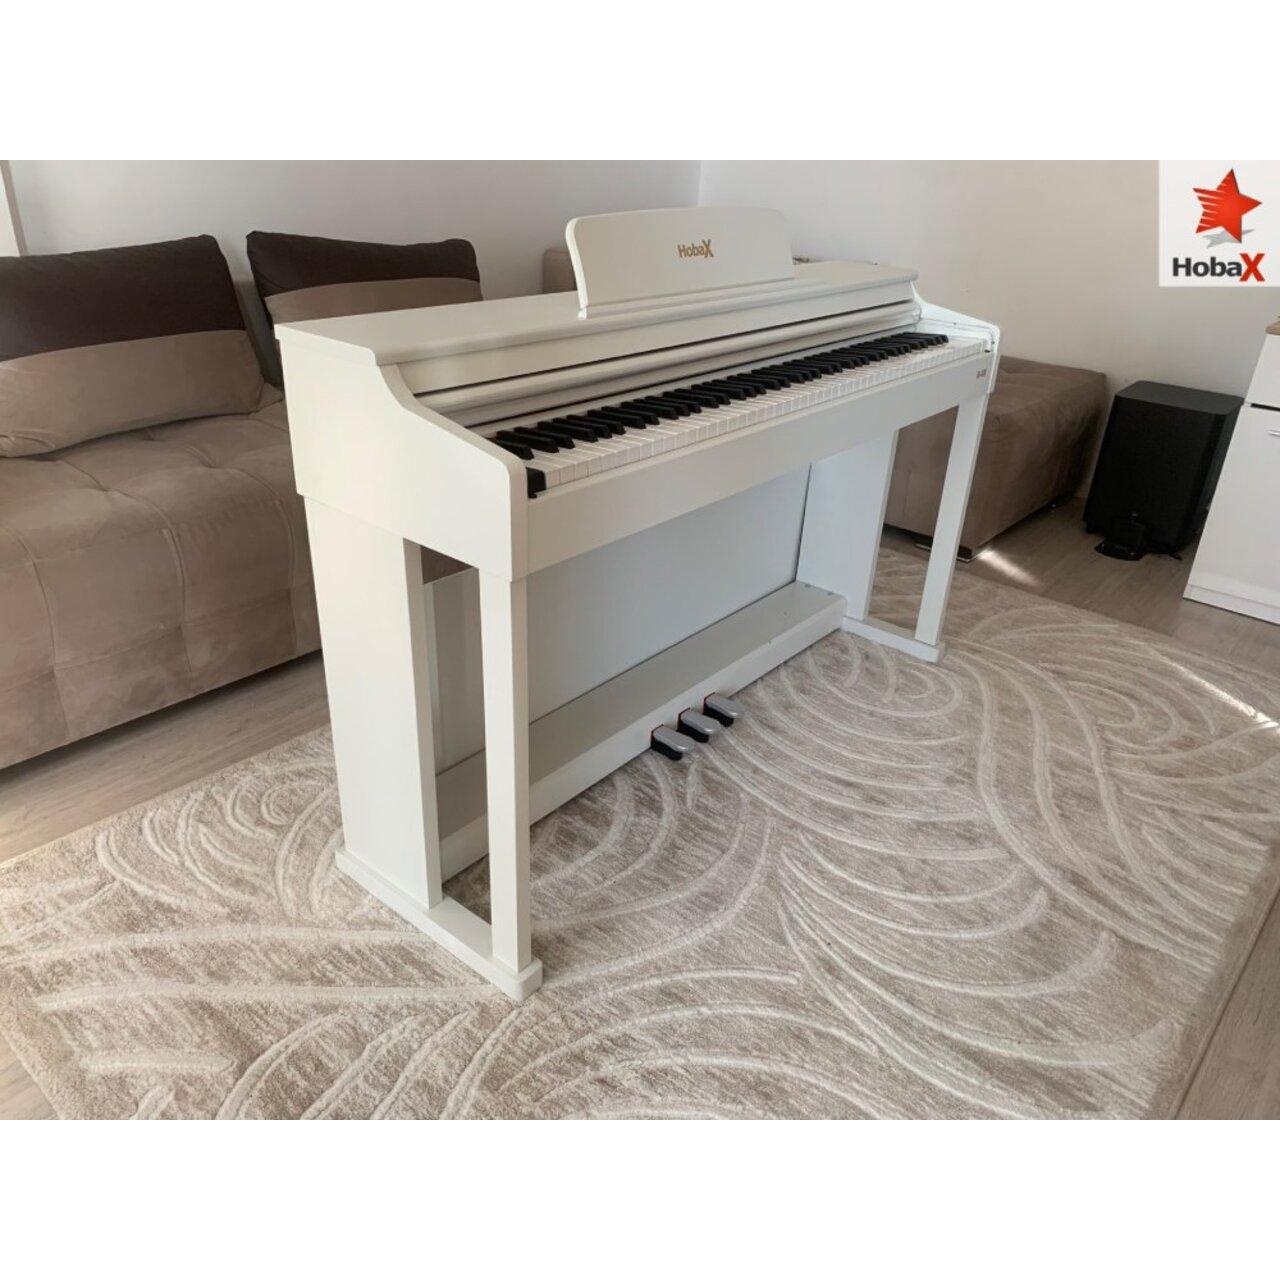 Дигитални пиано Hobax B-88, БЯЛ цвят, 88 клавиша HAMMER ACTION тежка клавиатура, 7 октави, 8 звуци, 128 ритми, с тройна педалиера. +3 ПОДАРЪКА – слушалки, стикери за клавиши и покривало